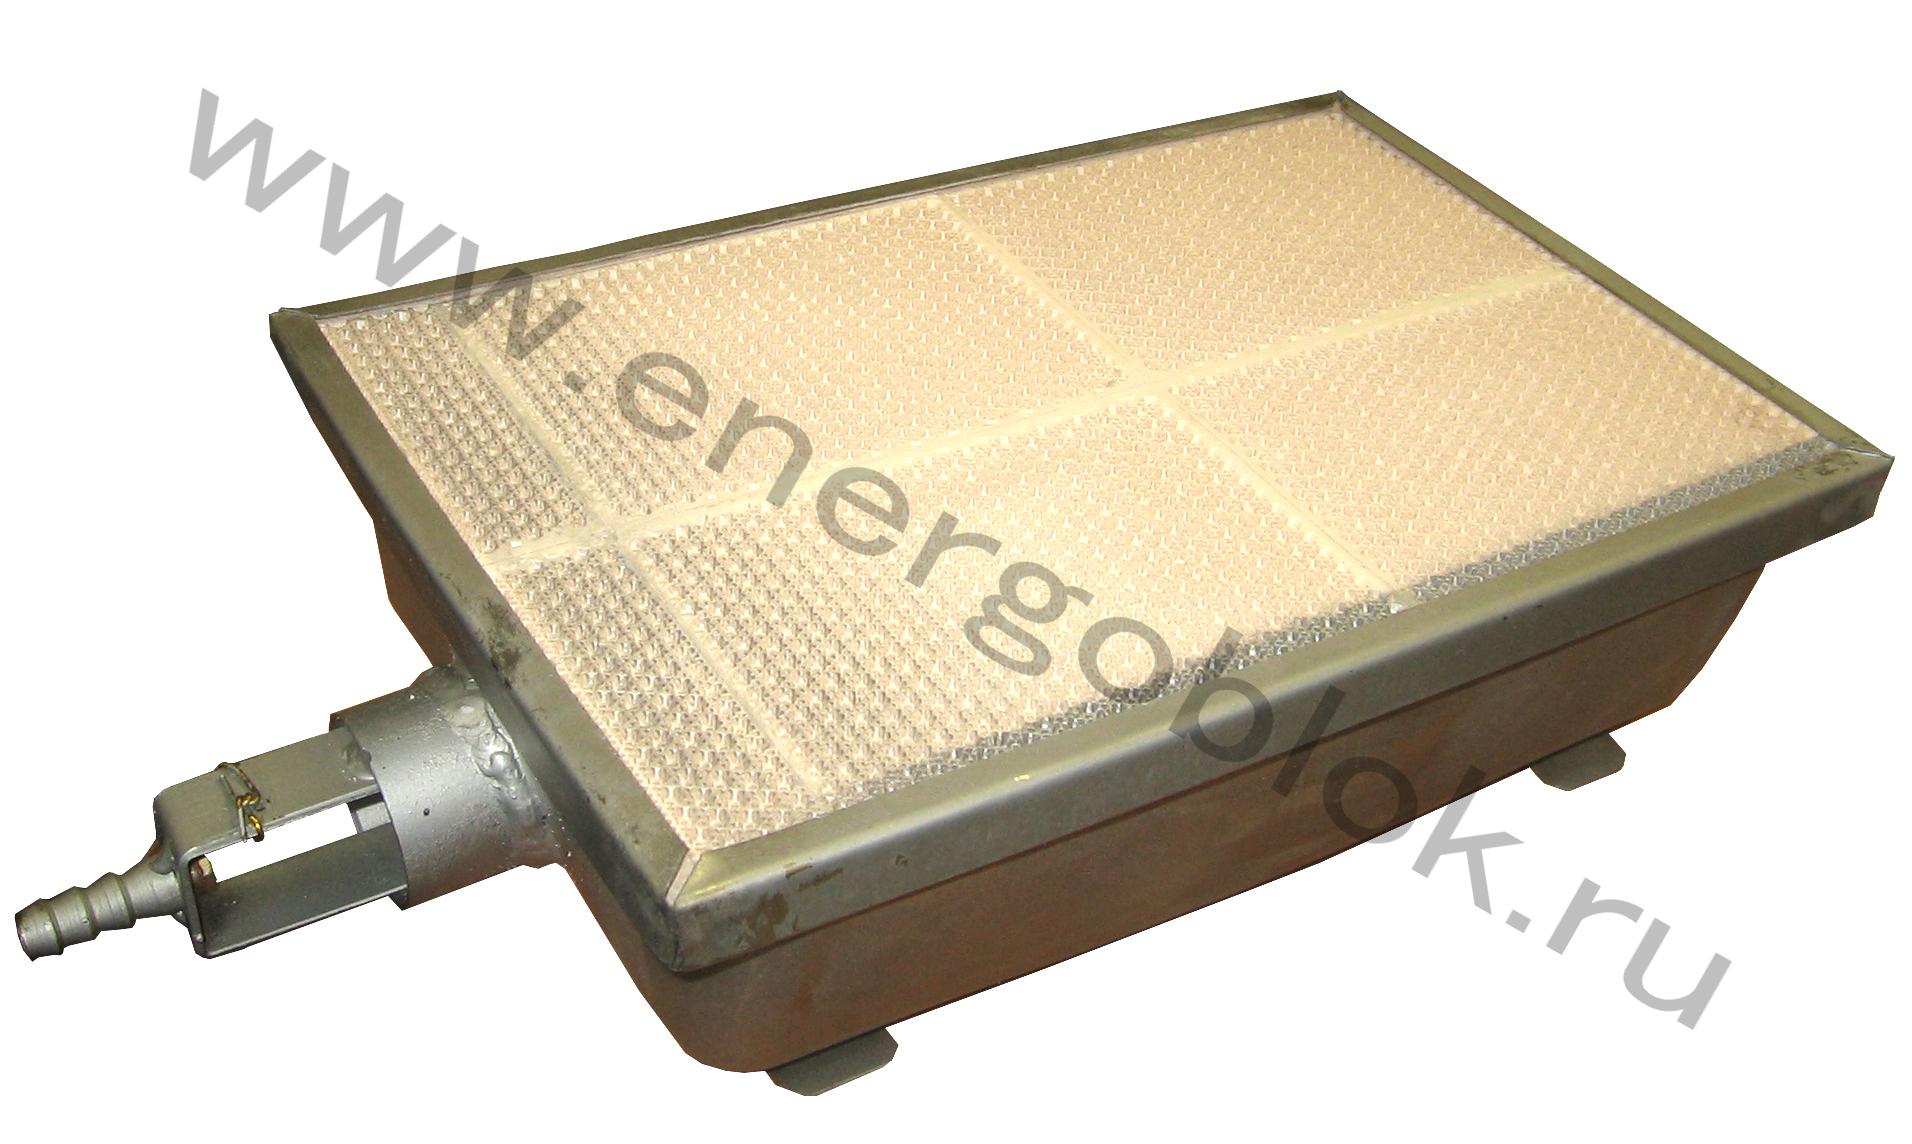 Своя база!. инфракрасные газовые горелки поставь-если есть ...: http://forums.drom.ru/special/t1152276193-p5.html